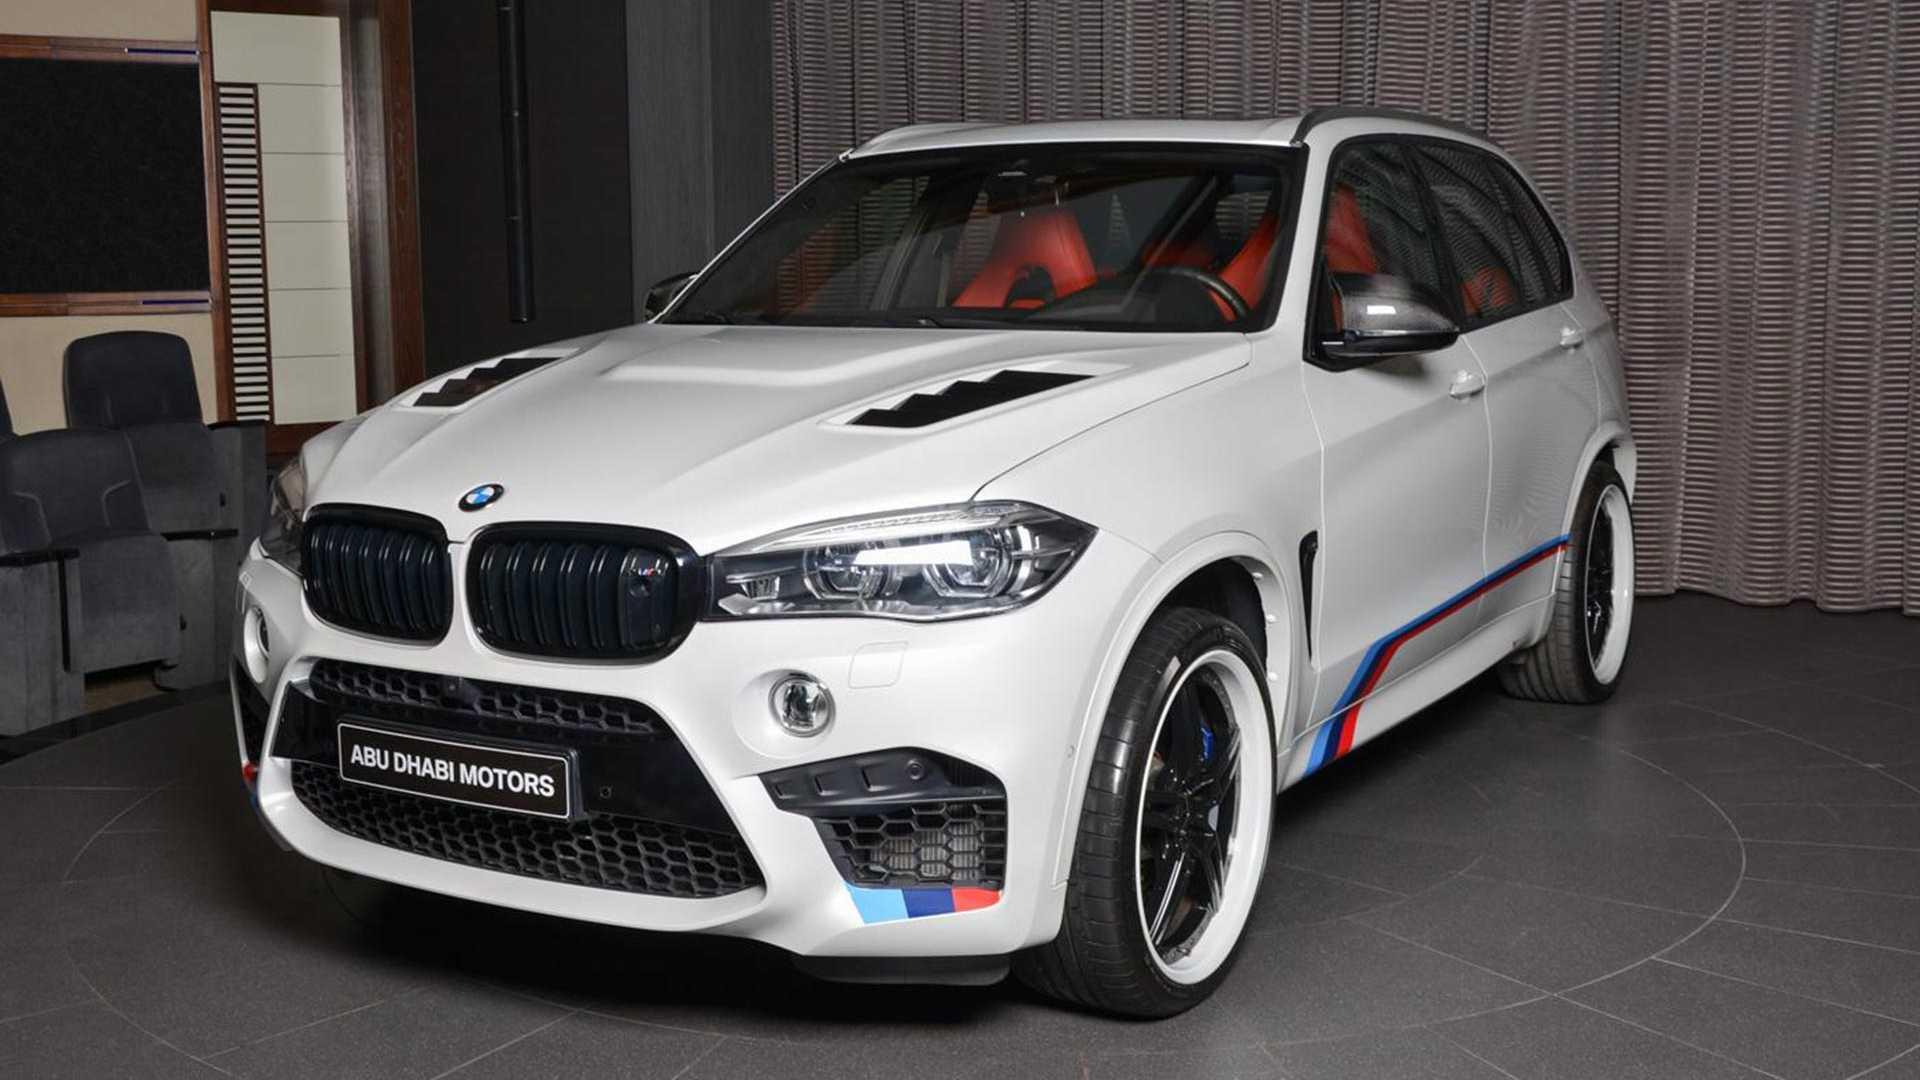 نسخه قدرتمند BMW X5 M رونمایی خواهد شد